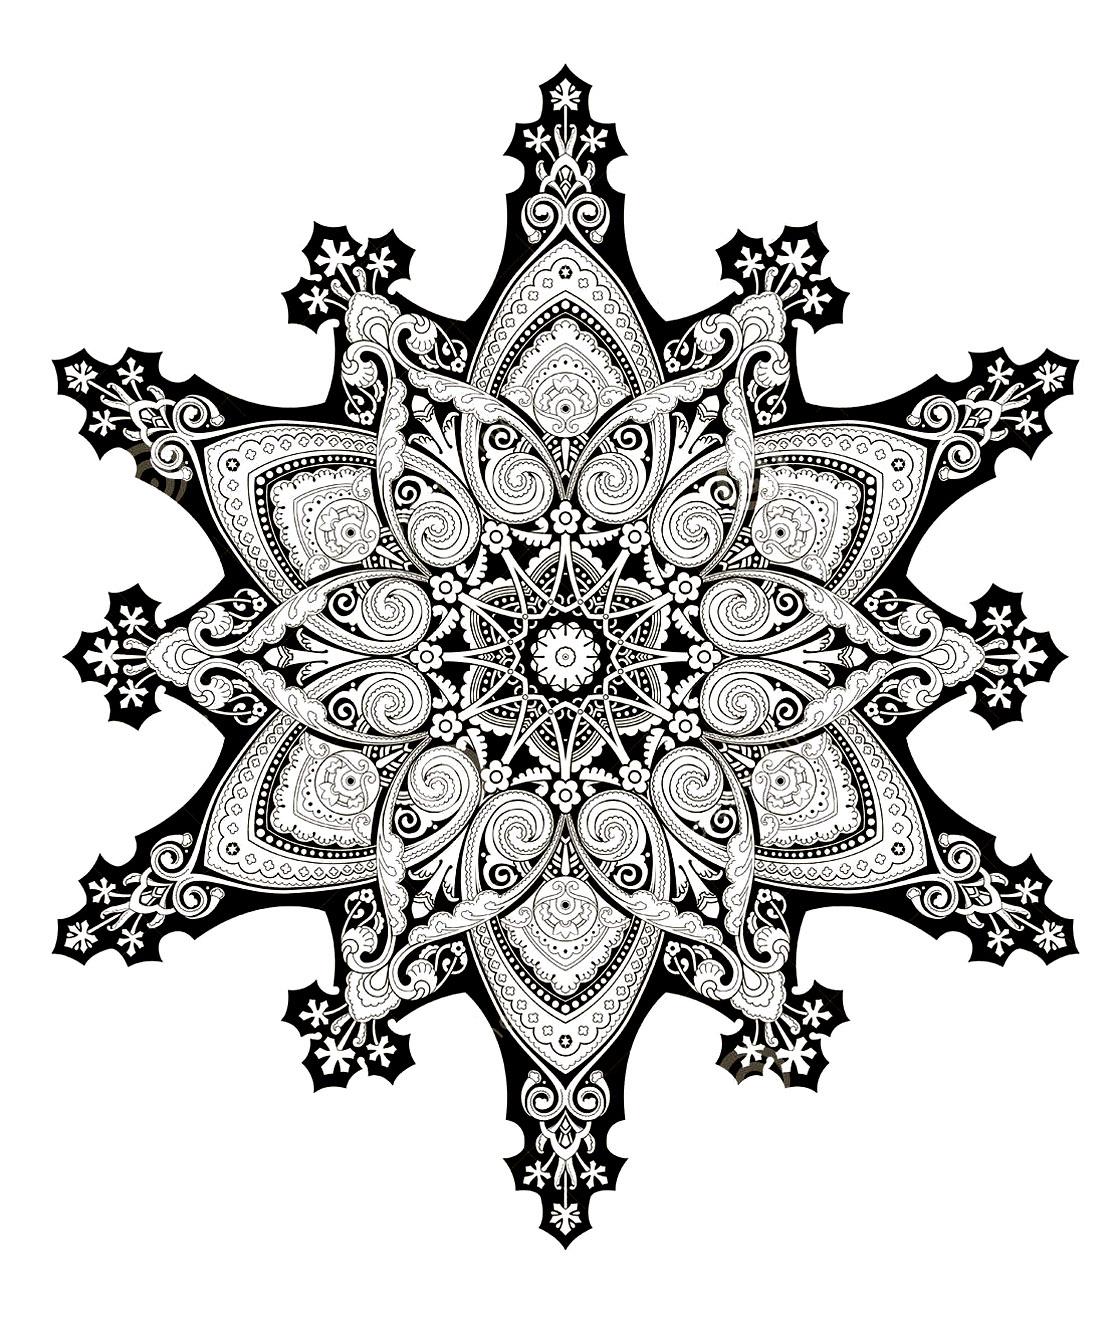 Un Mandala inspiré de motifs et illustrations orientales, avec énormément de détails et de régularité